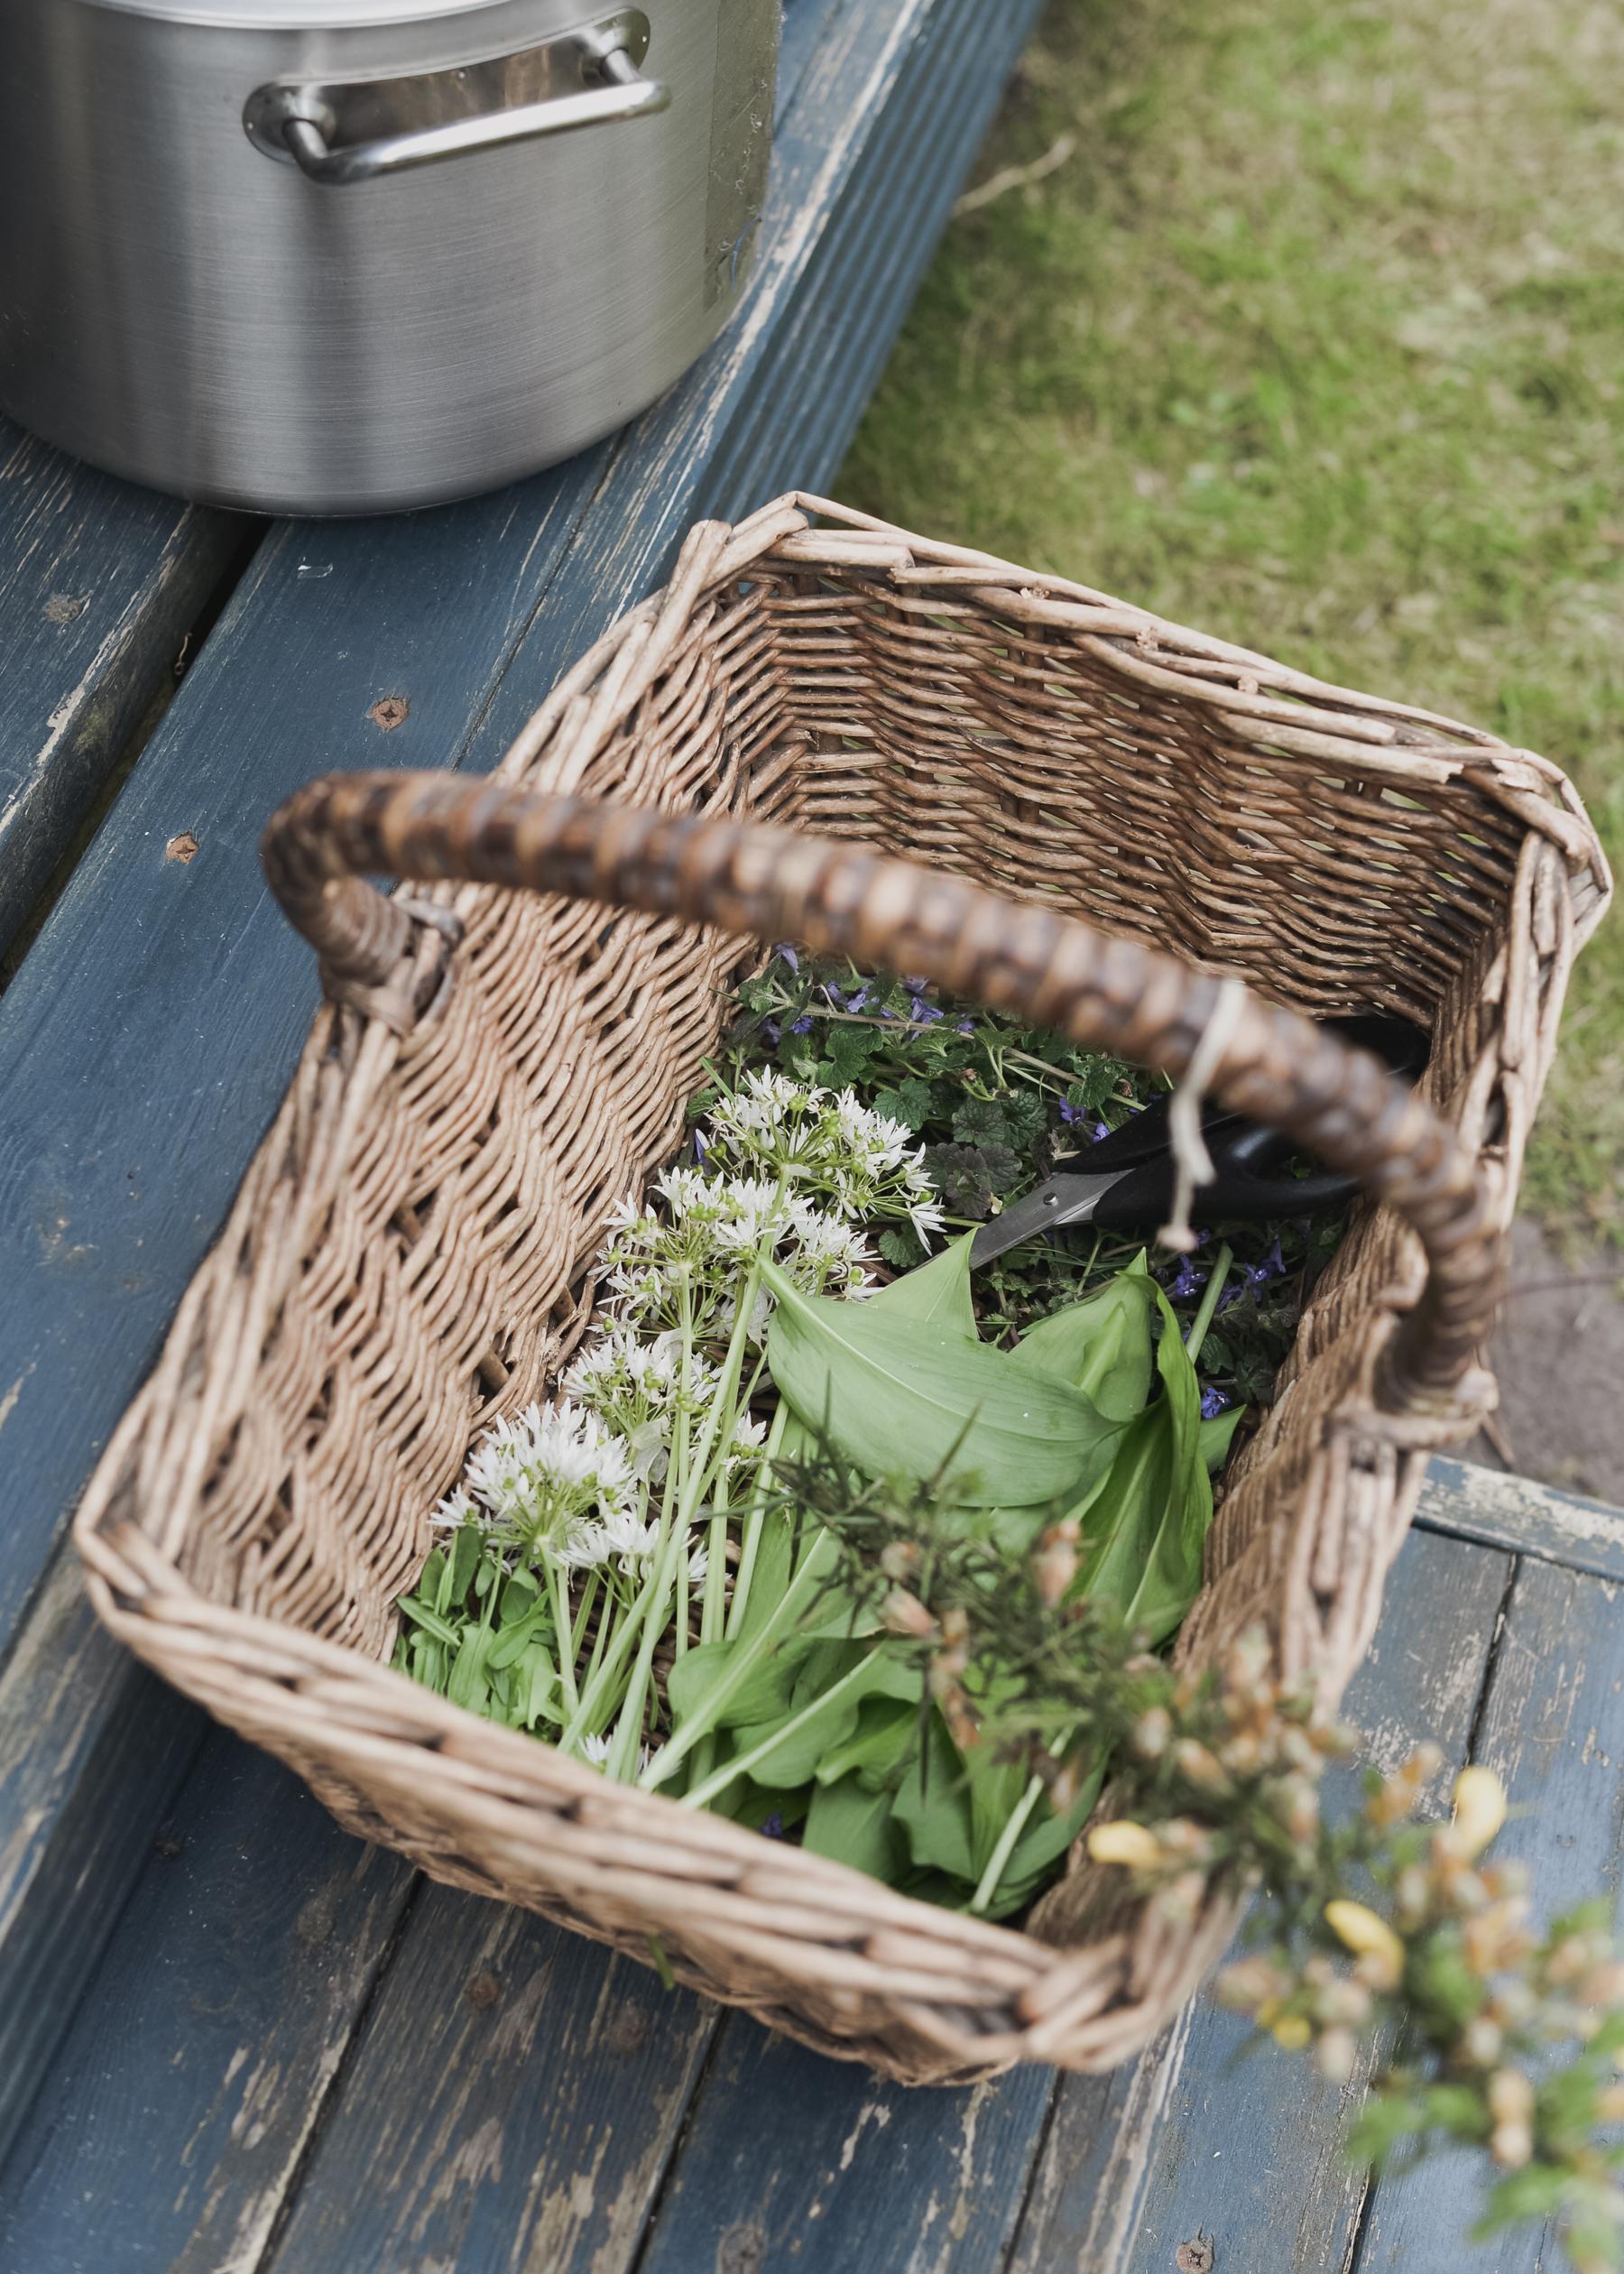 Spring Feast_Foreadventure_SarahLouFrancis-3.jpg